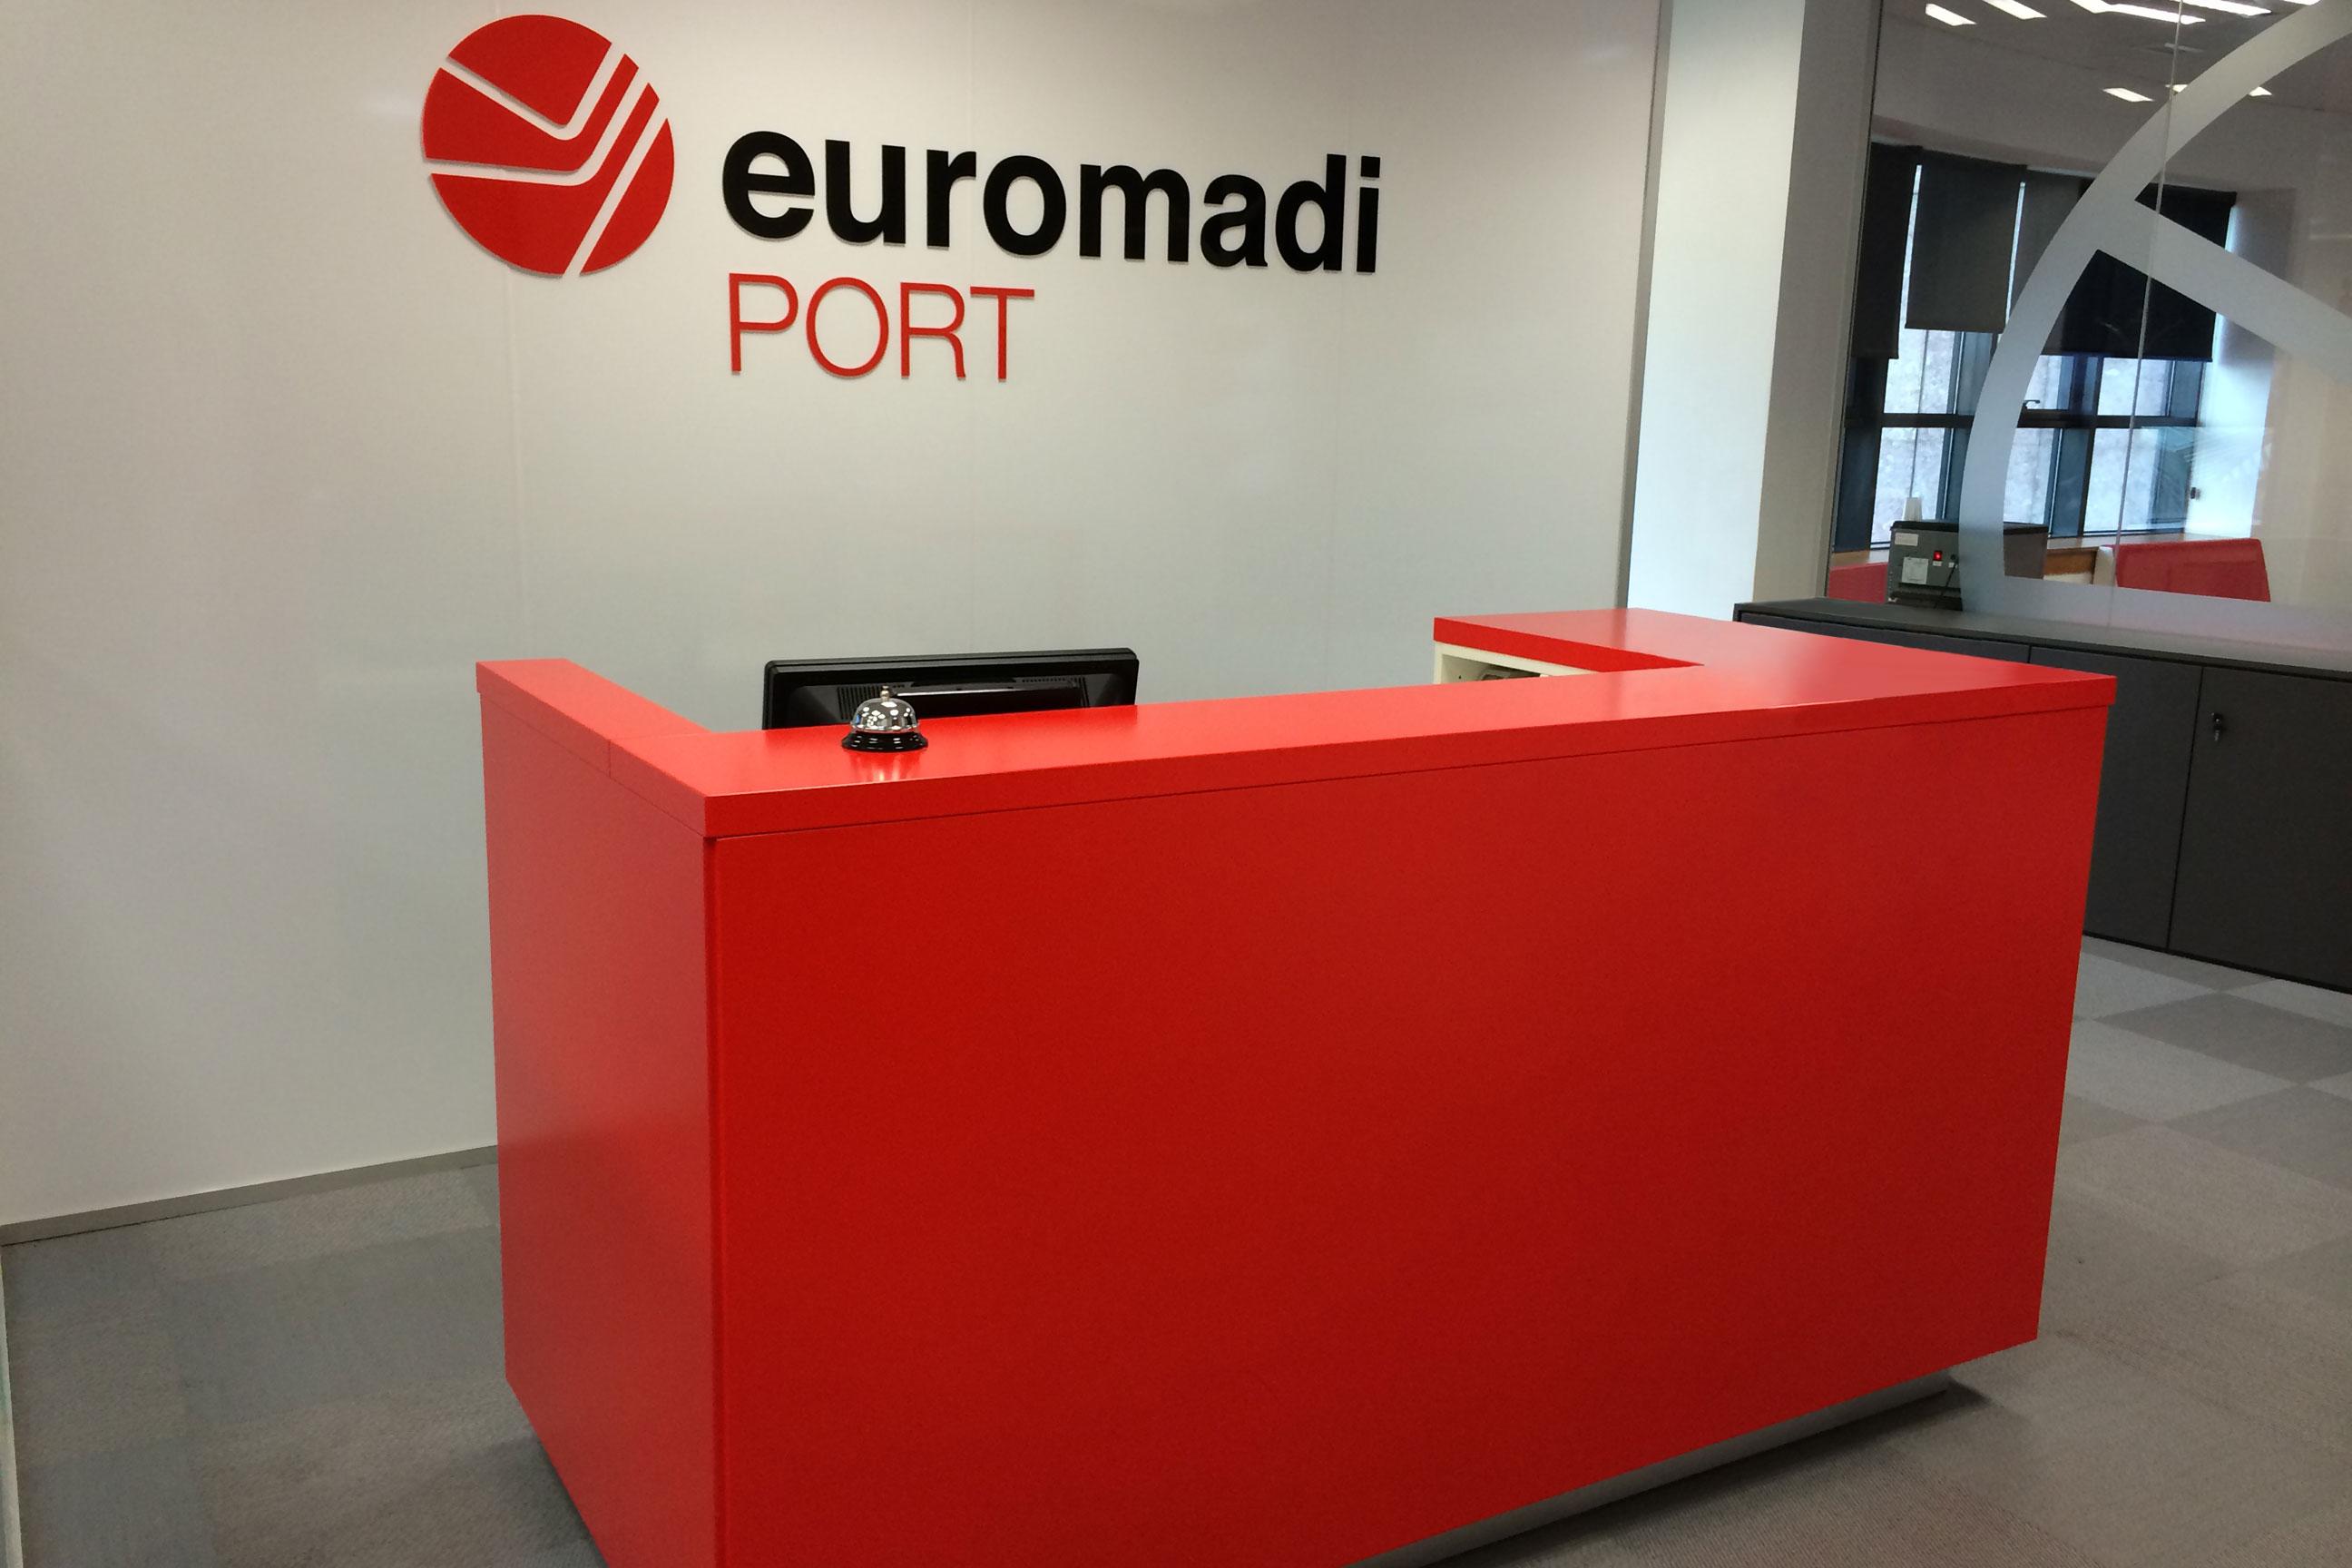 Euromadi-1